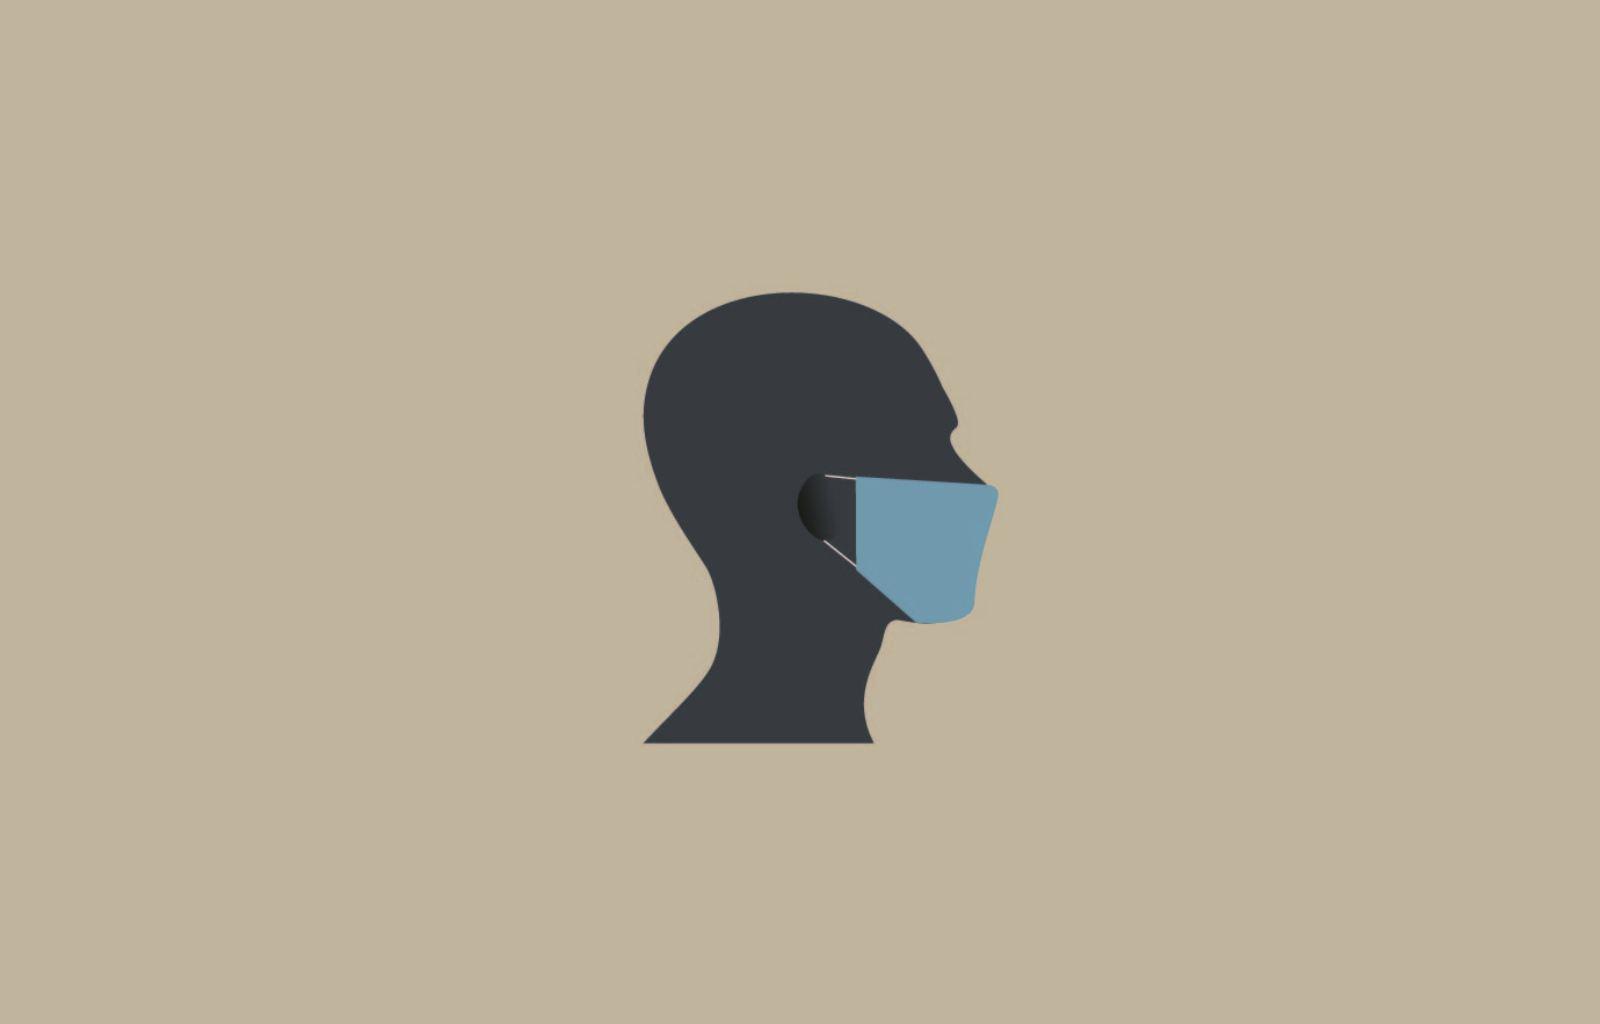 https://f.hubspotusercontent20.net/hubfs/2470171/blog/Mask%20Blog.jpg Feature Image